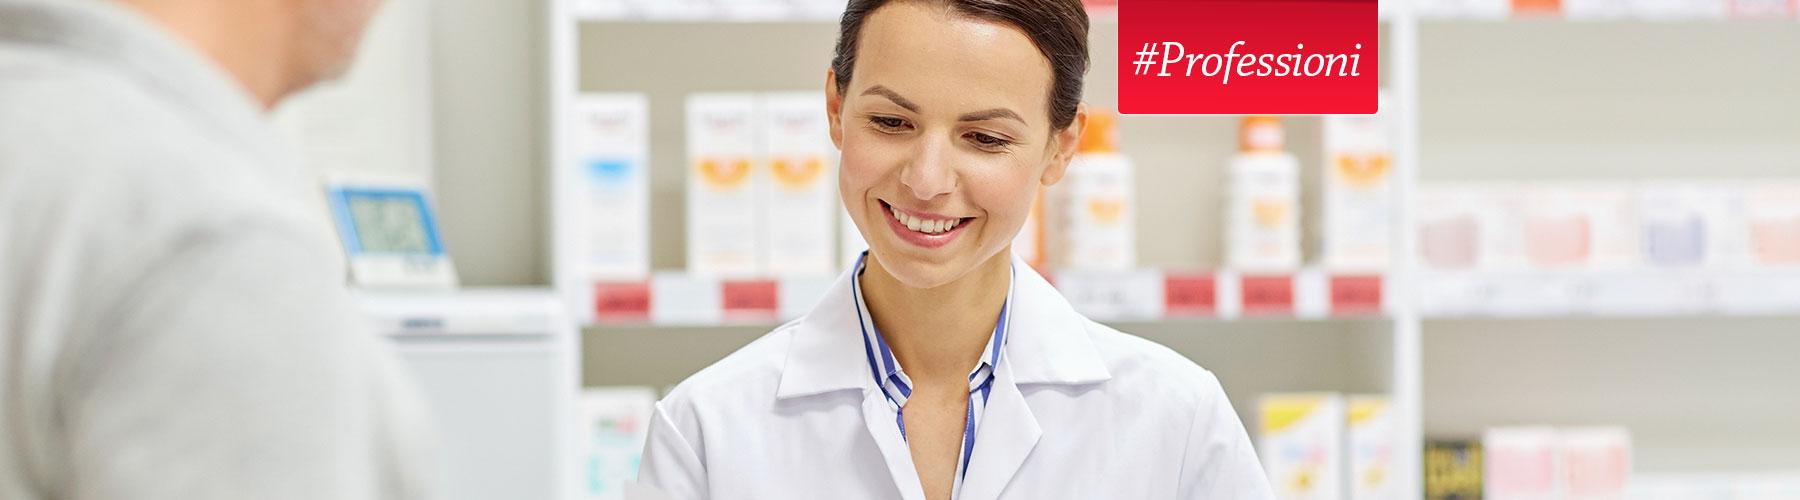 Distribuzione Farmaci Cerco Lavoro.Farmacista Un Esperto Del Farmaco A 360 Fourstars Blog